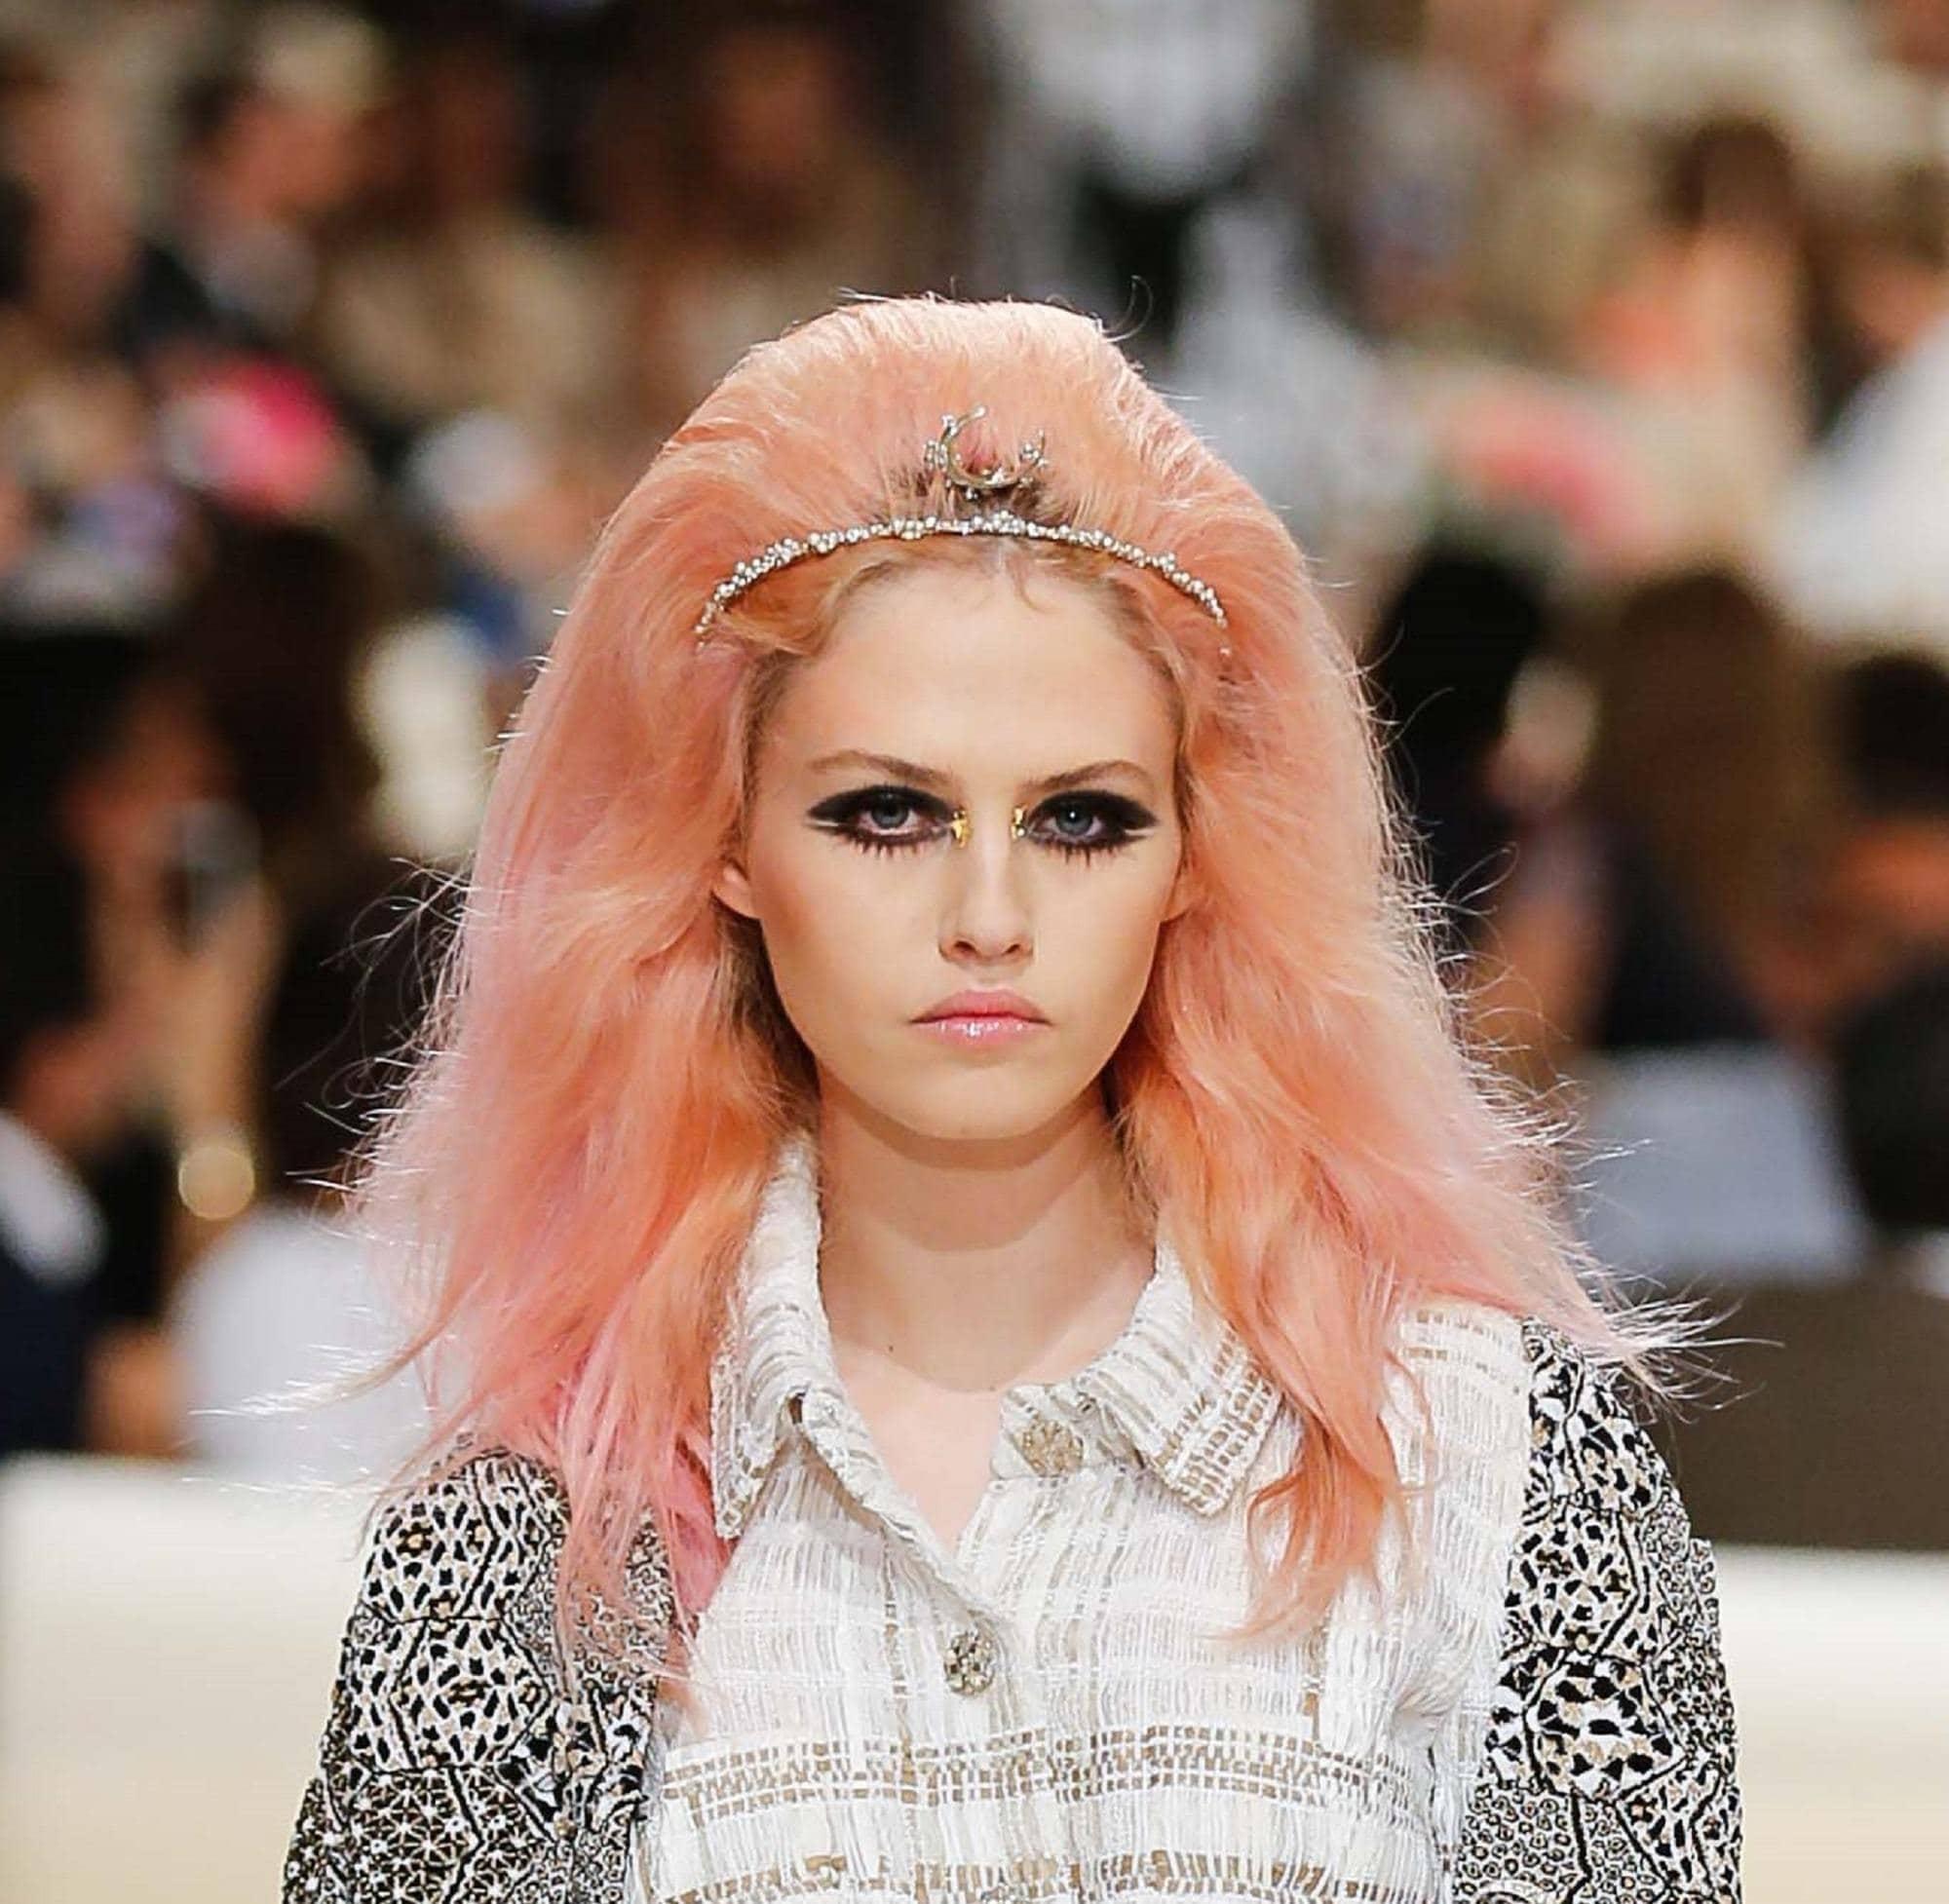 Peach hair: Closeup shot of a woman with voluminous peach hair walking the runway